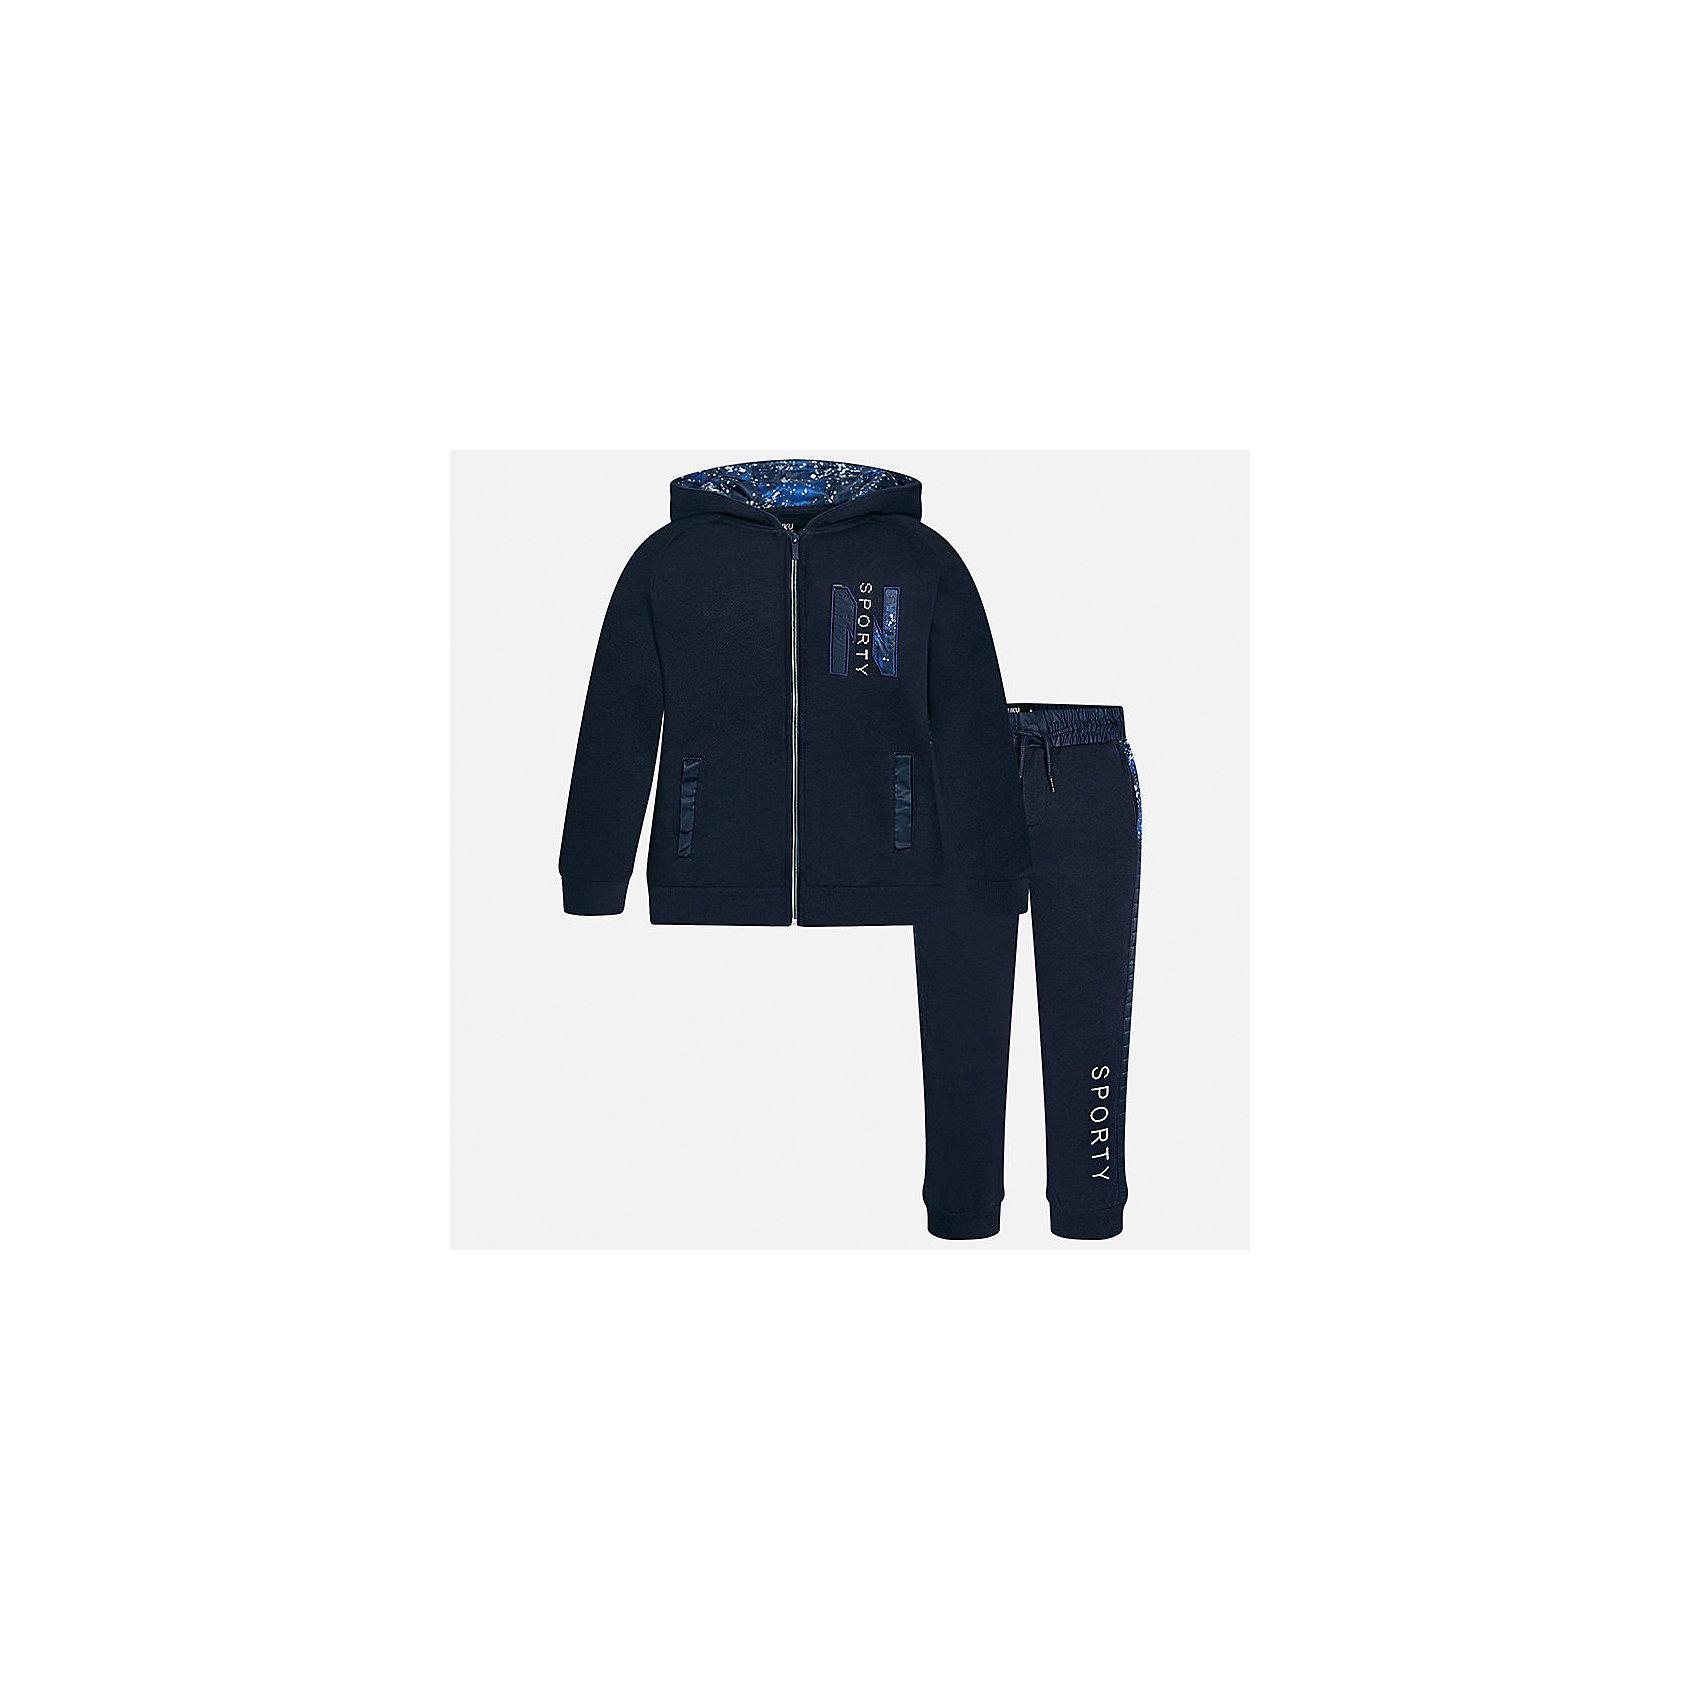 Спортивный костюм для мальчика MayoralСпортивная форма<br>Характеристики товара:<br><br>• цвет: серый<br>• комплектация: курточка и брюки<br>• состав ткани курточки: 60% хлопок, 40% полиэстер<br>• состав ткани брюк: 60% хлопок, 40% полиэстер<br>• длинные рукава<br>• застежка: молния<br>• пояс: резинка и шнурок<br>• особенности модели: спортивный стиль<br>• сезон: демисезон<br>• страна бренда: Испания<br>• страна изготовитель: Индия<br><br>Трикотажный спортивный костюм - отличный вариант одежды для отдыха и занятий спортом. Курточка из спортивного комплекта дополнена капюшоном и карманами. Удобный детский спортивный костюм от известного бренда Майорал выглядит аккуратно и стильно. <br><br>Спортивный костюм для мальчика Mayoral (Майорал) можно купить в нашем интернет-магазине.<br><br>Ширина мм: 247<br>Глубина мм: 16<br>Высота мм: 140<br>Вес г: 225<br>Цвет: серый<br>Возраст от месяцев: 168<br>Возраст до месяцев: 180<br>Пол: Мужской<br>Возраст: Детский<br>Размер: 170,128/134,140,152,158,164<br>SKU: 6938999